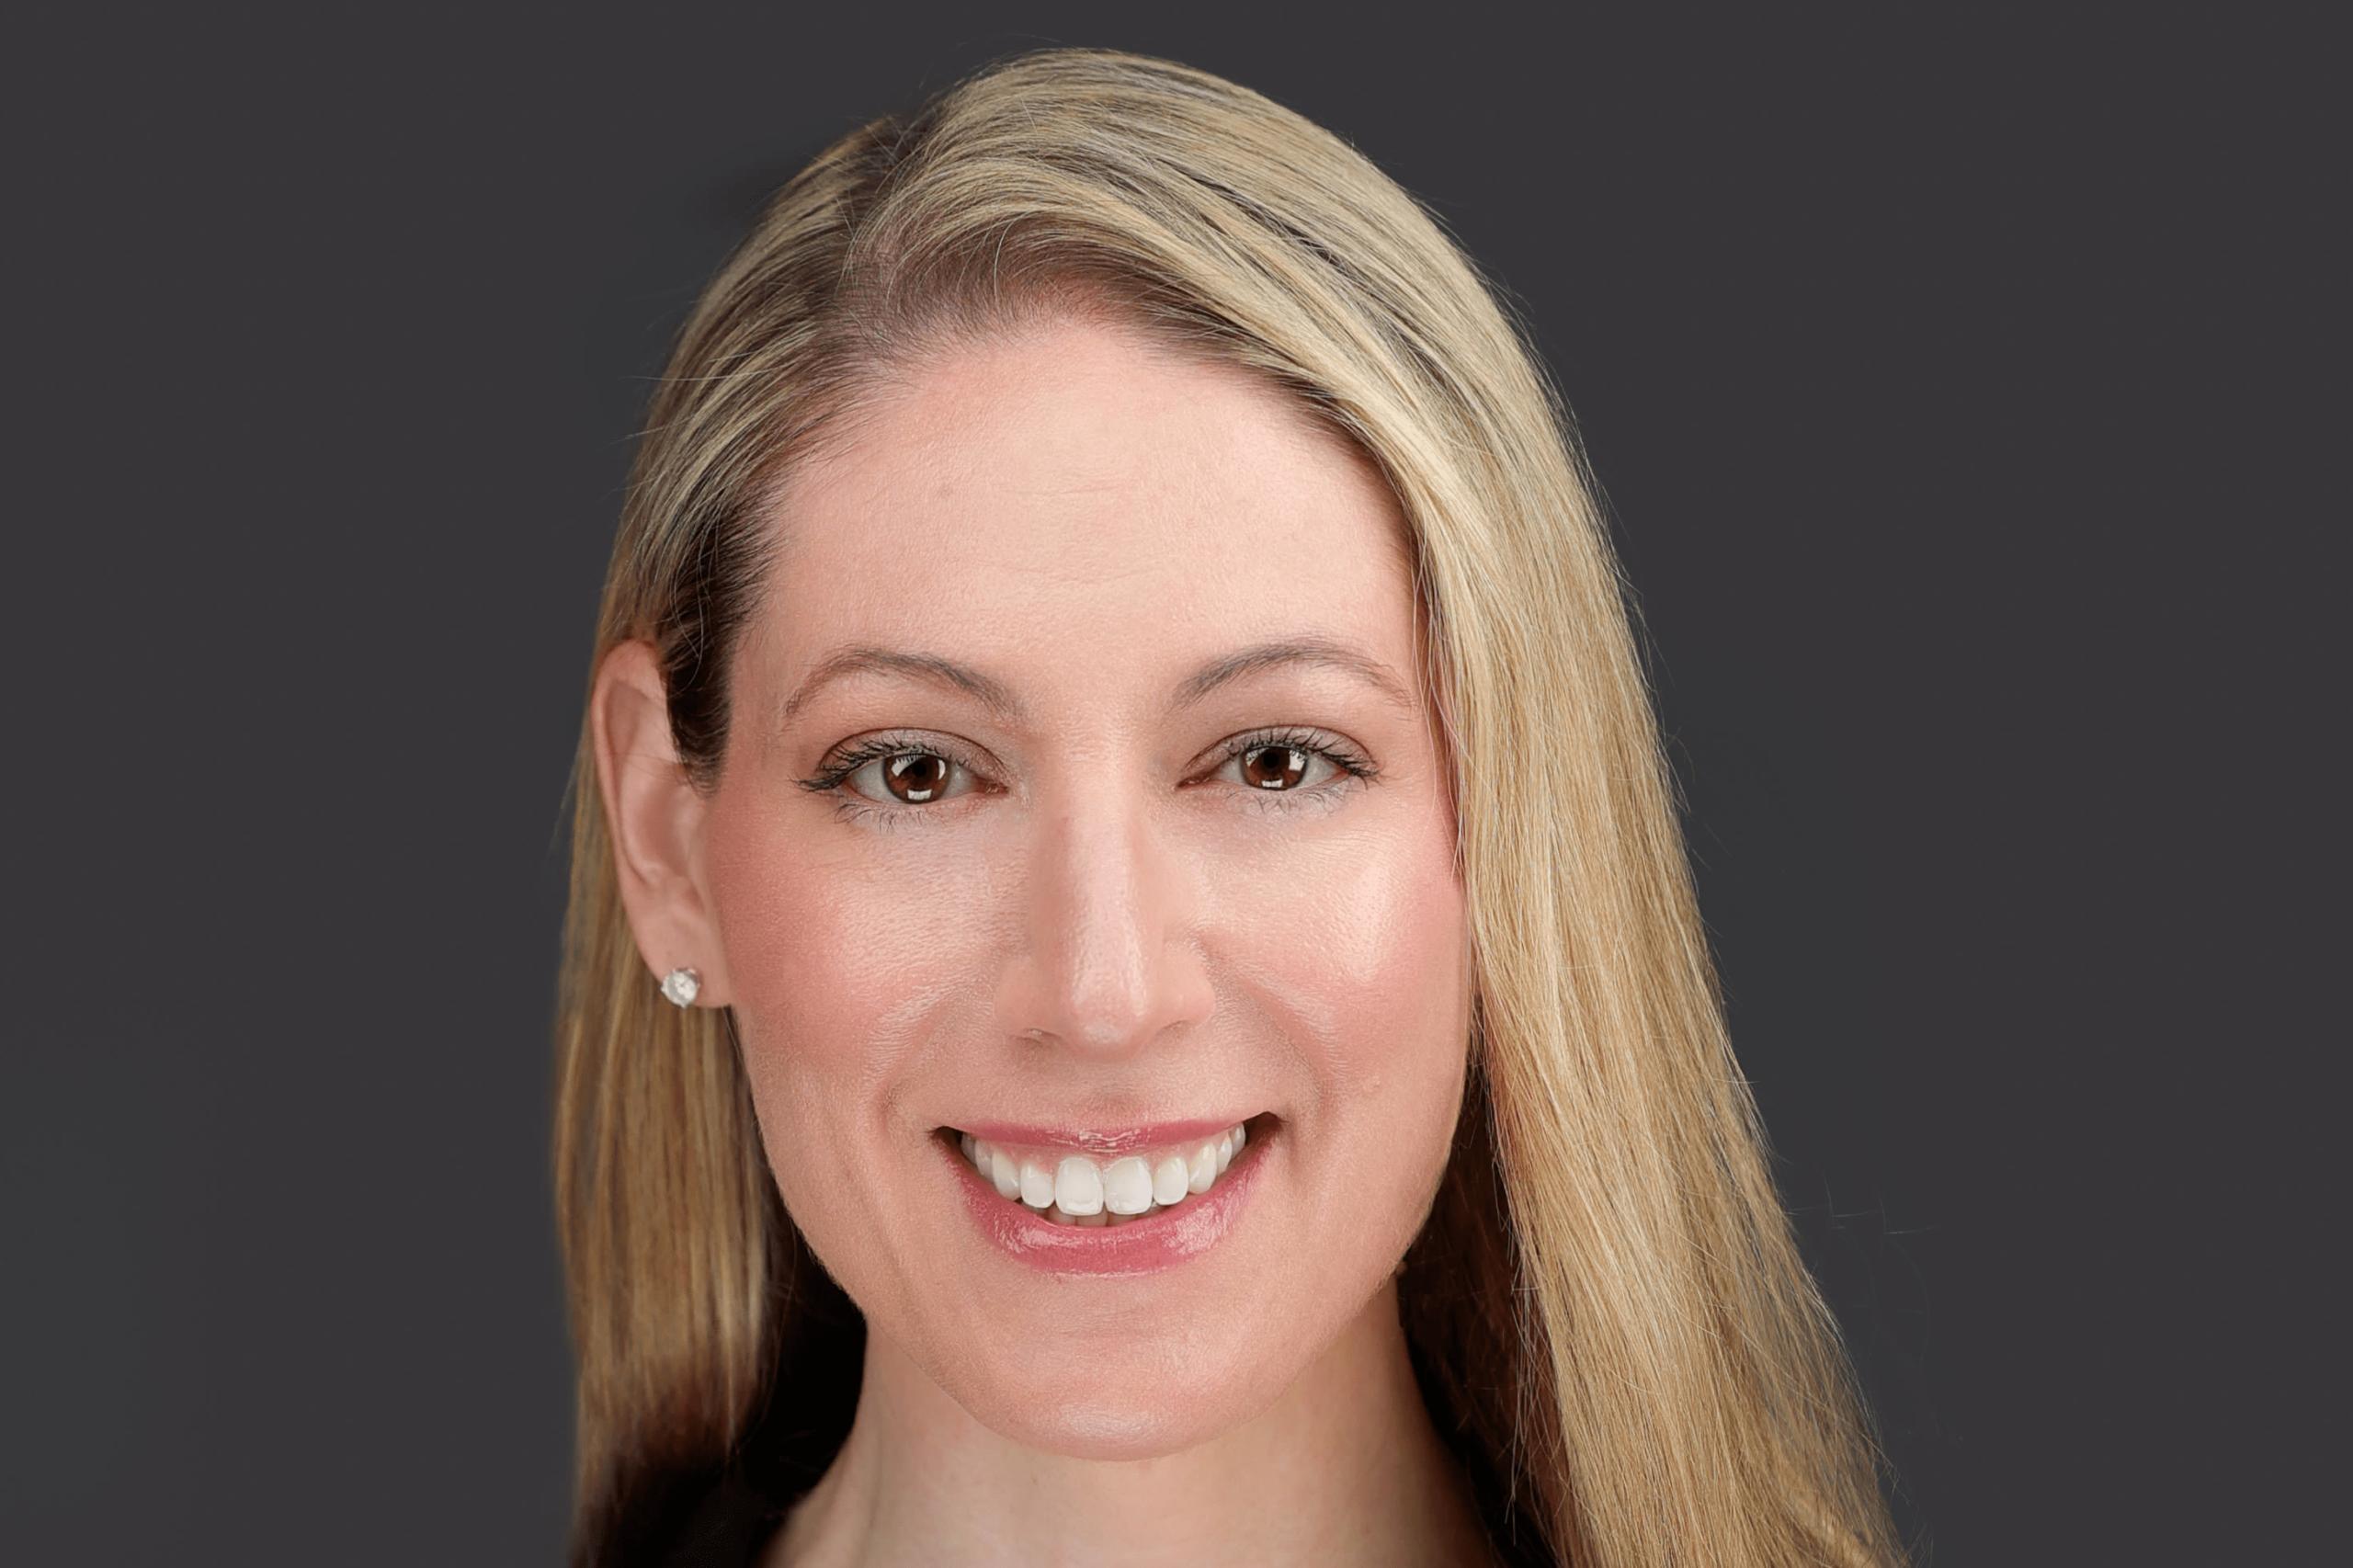 Bridgestone Amerika stelt Sara Correa aan als CMO